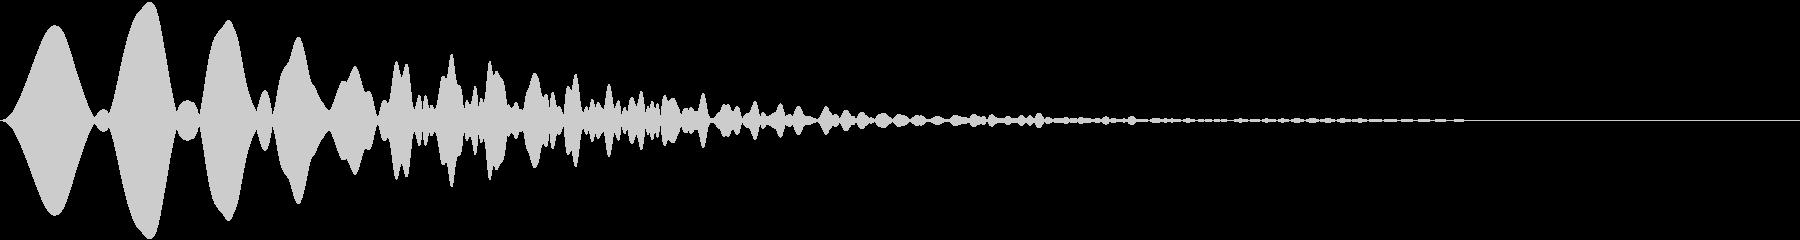 カーソル・決定・キャンセル音 「ピャウ」の未再生の波形